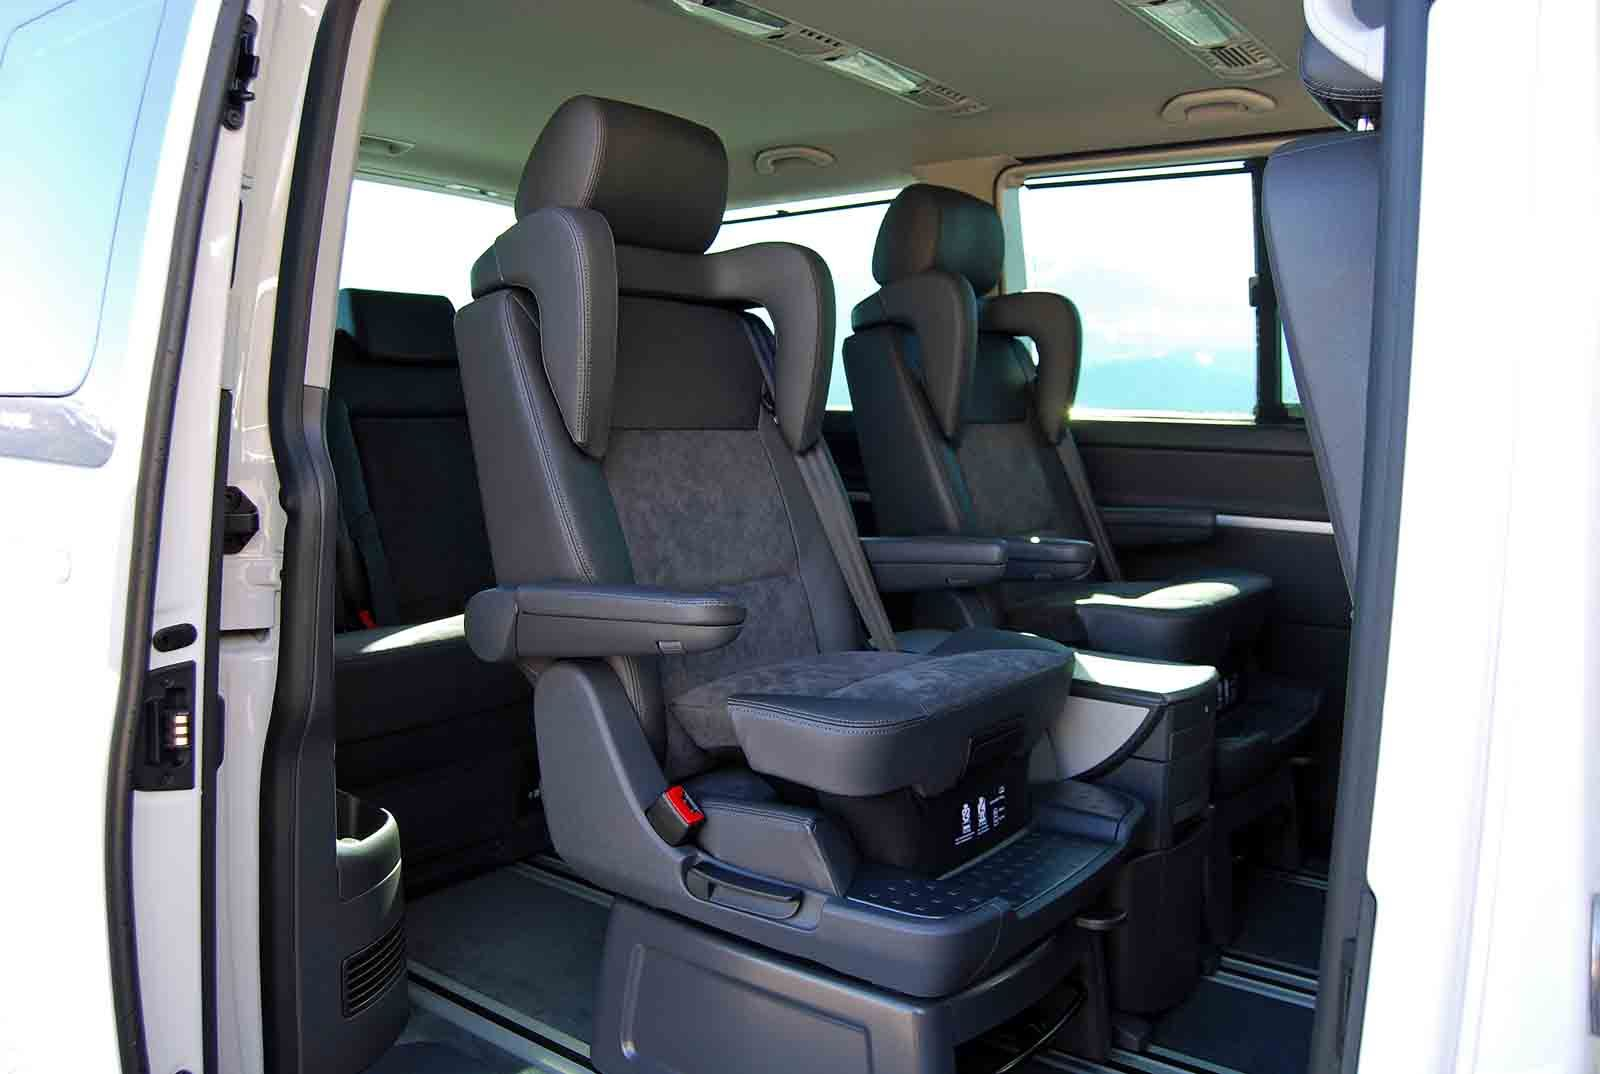 vw volkswagen t5 multivan highline cuir alcantara leder. Black Bedroom Furniture Sets. Home Design Ideas